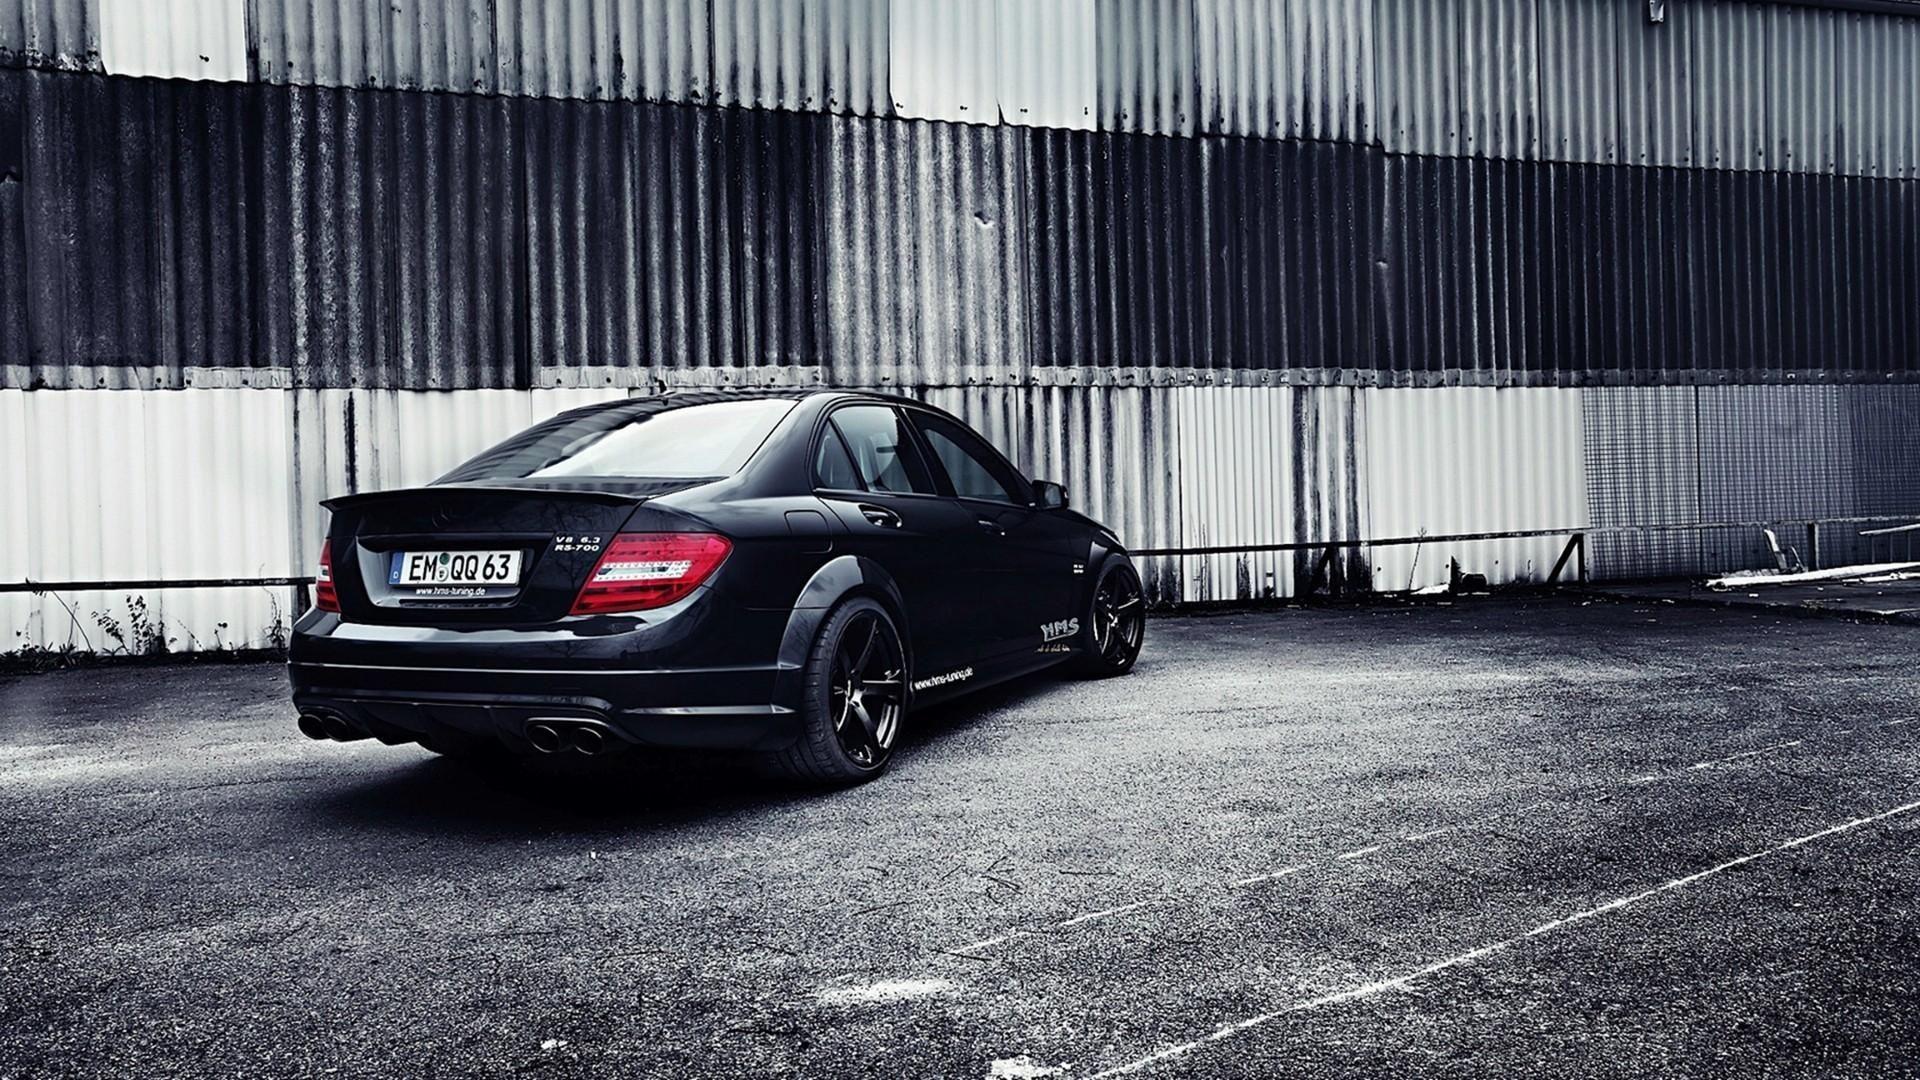 2012 mercedes benz c63 amg car wallpaper wallpaper free download - Mercedes Benz C63 Mercedes Benz Black Series Amg Wallpaper